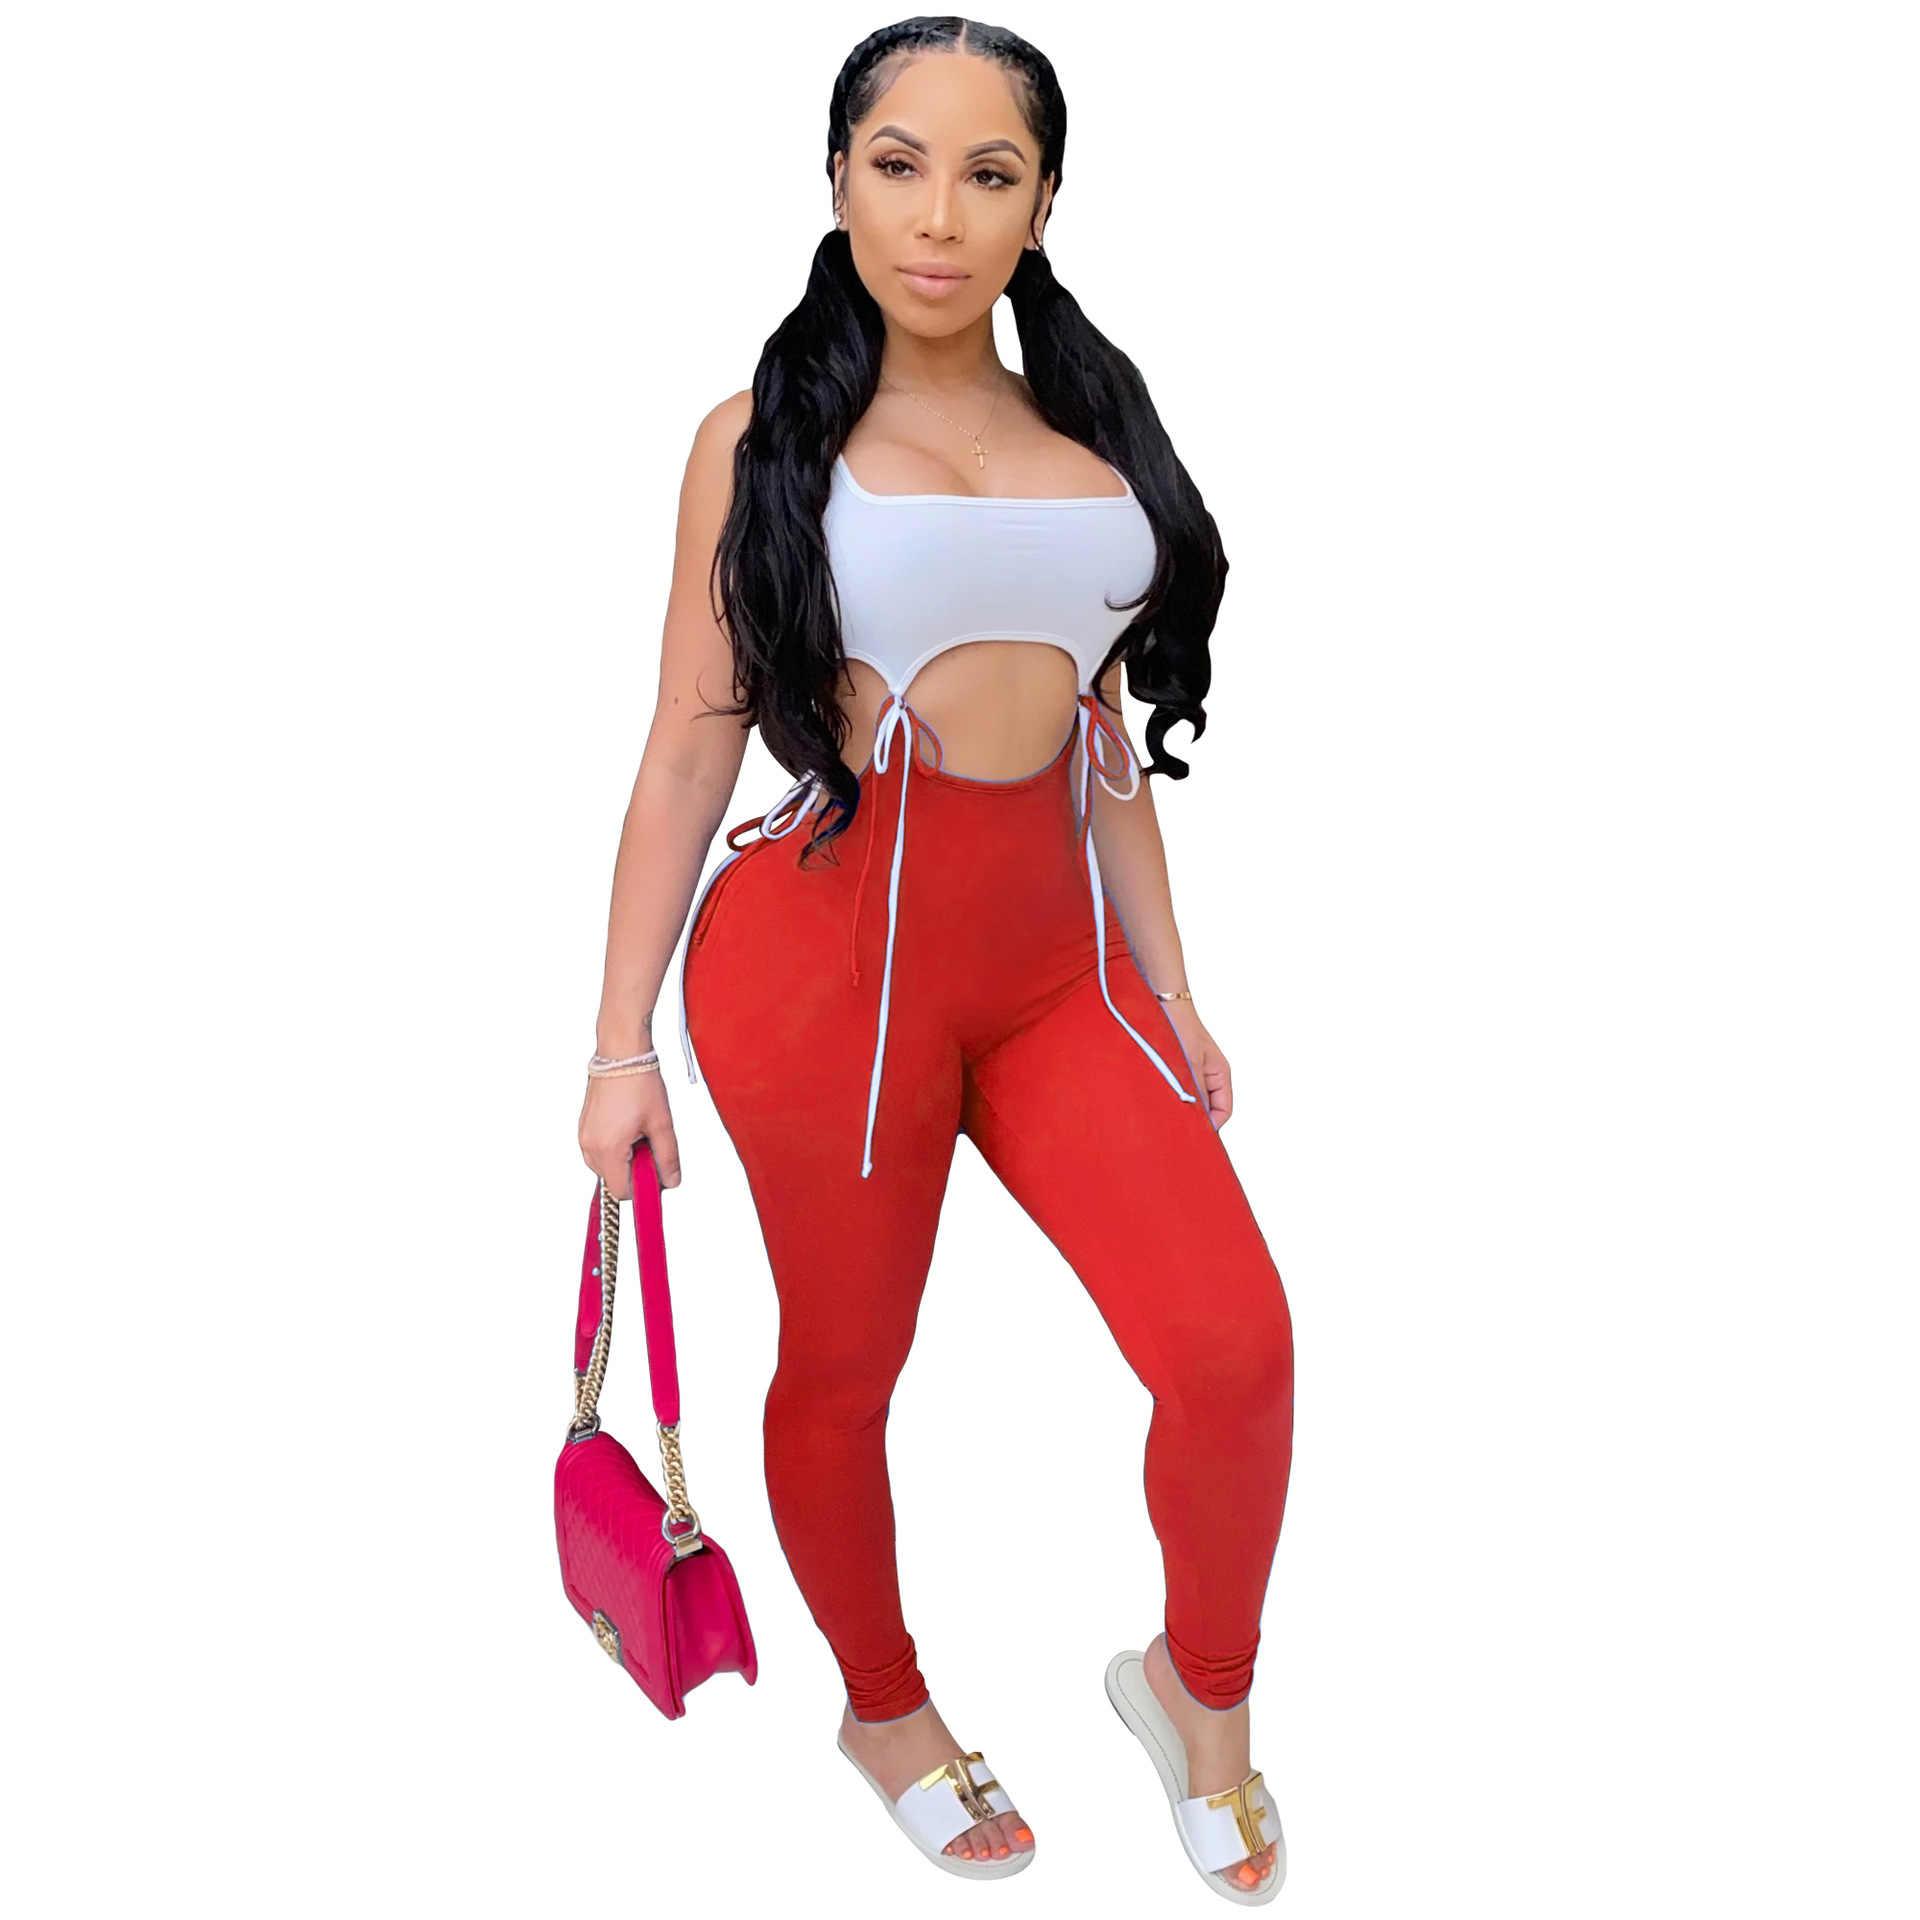 Seksi spor Neon tulum yaz 2020 spor dantel Up kırpma üst ile Leggins pantolon vücut tulum kadın tulum iki parçalı seti